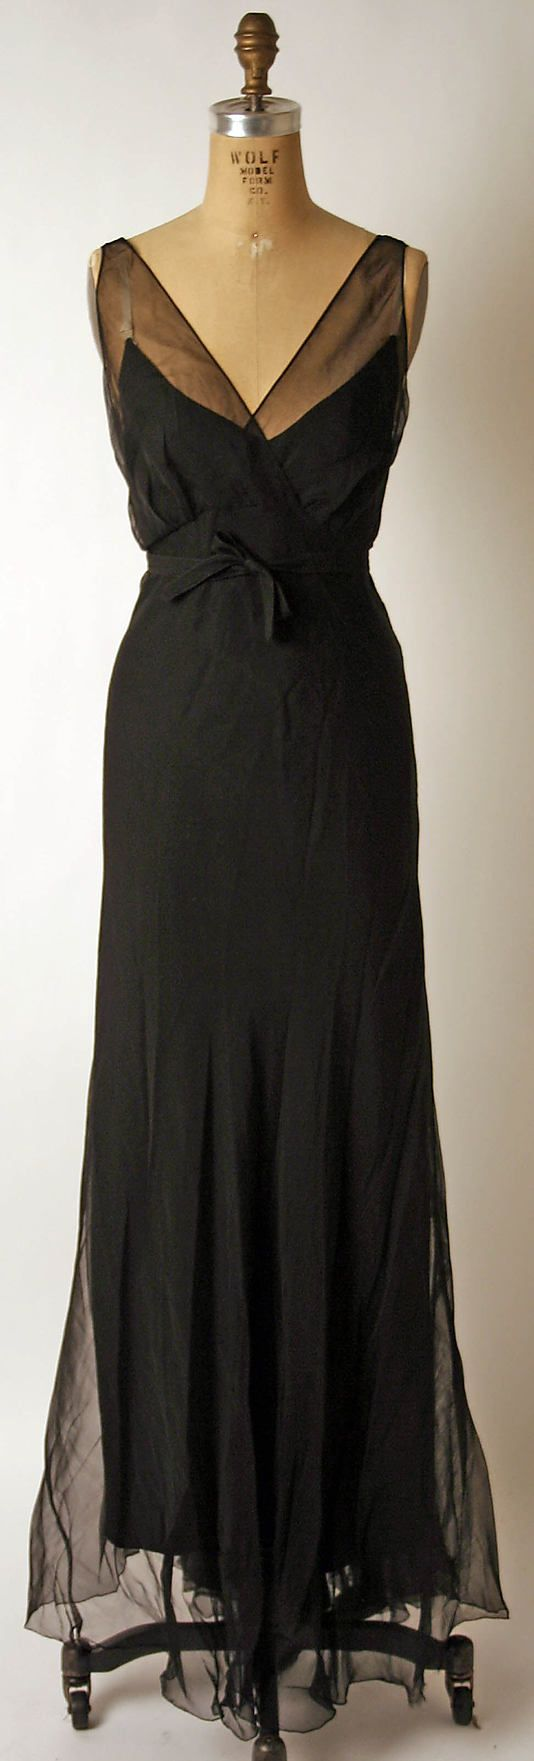 fashion & evening <3 timeless dress - Nettie Rosenstein 1930's...